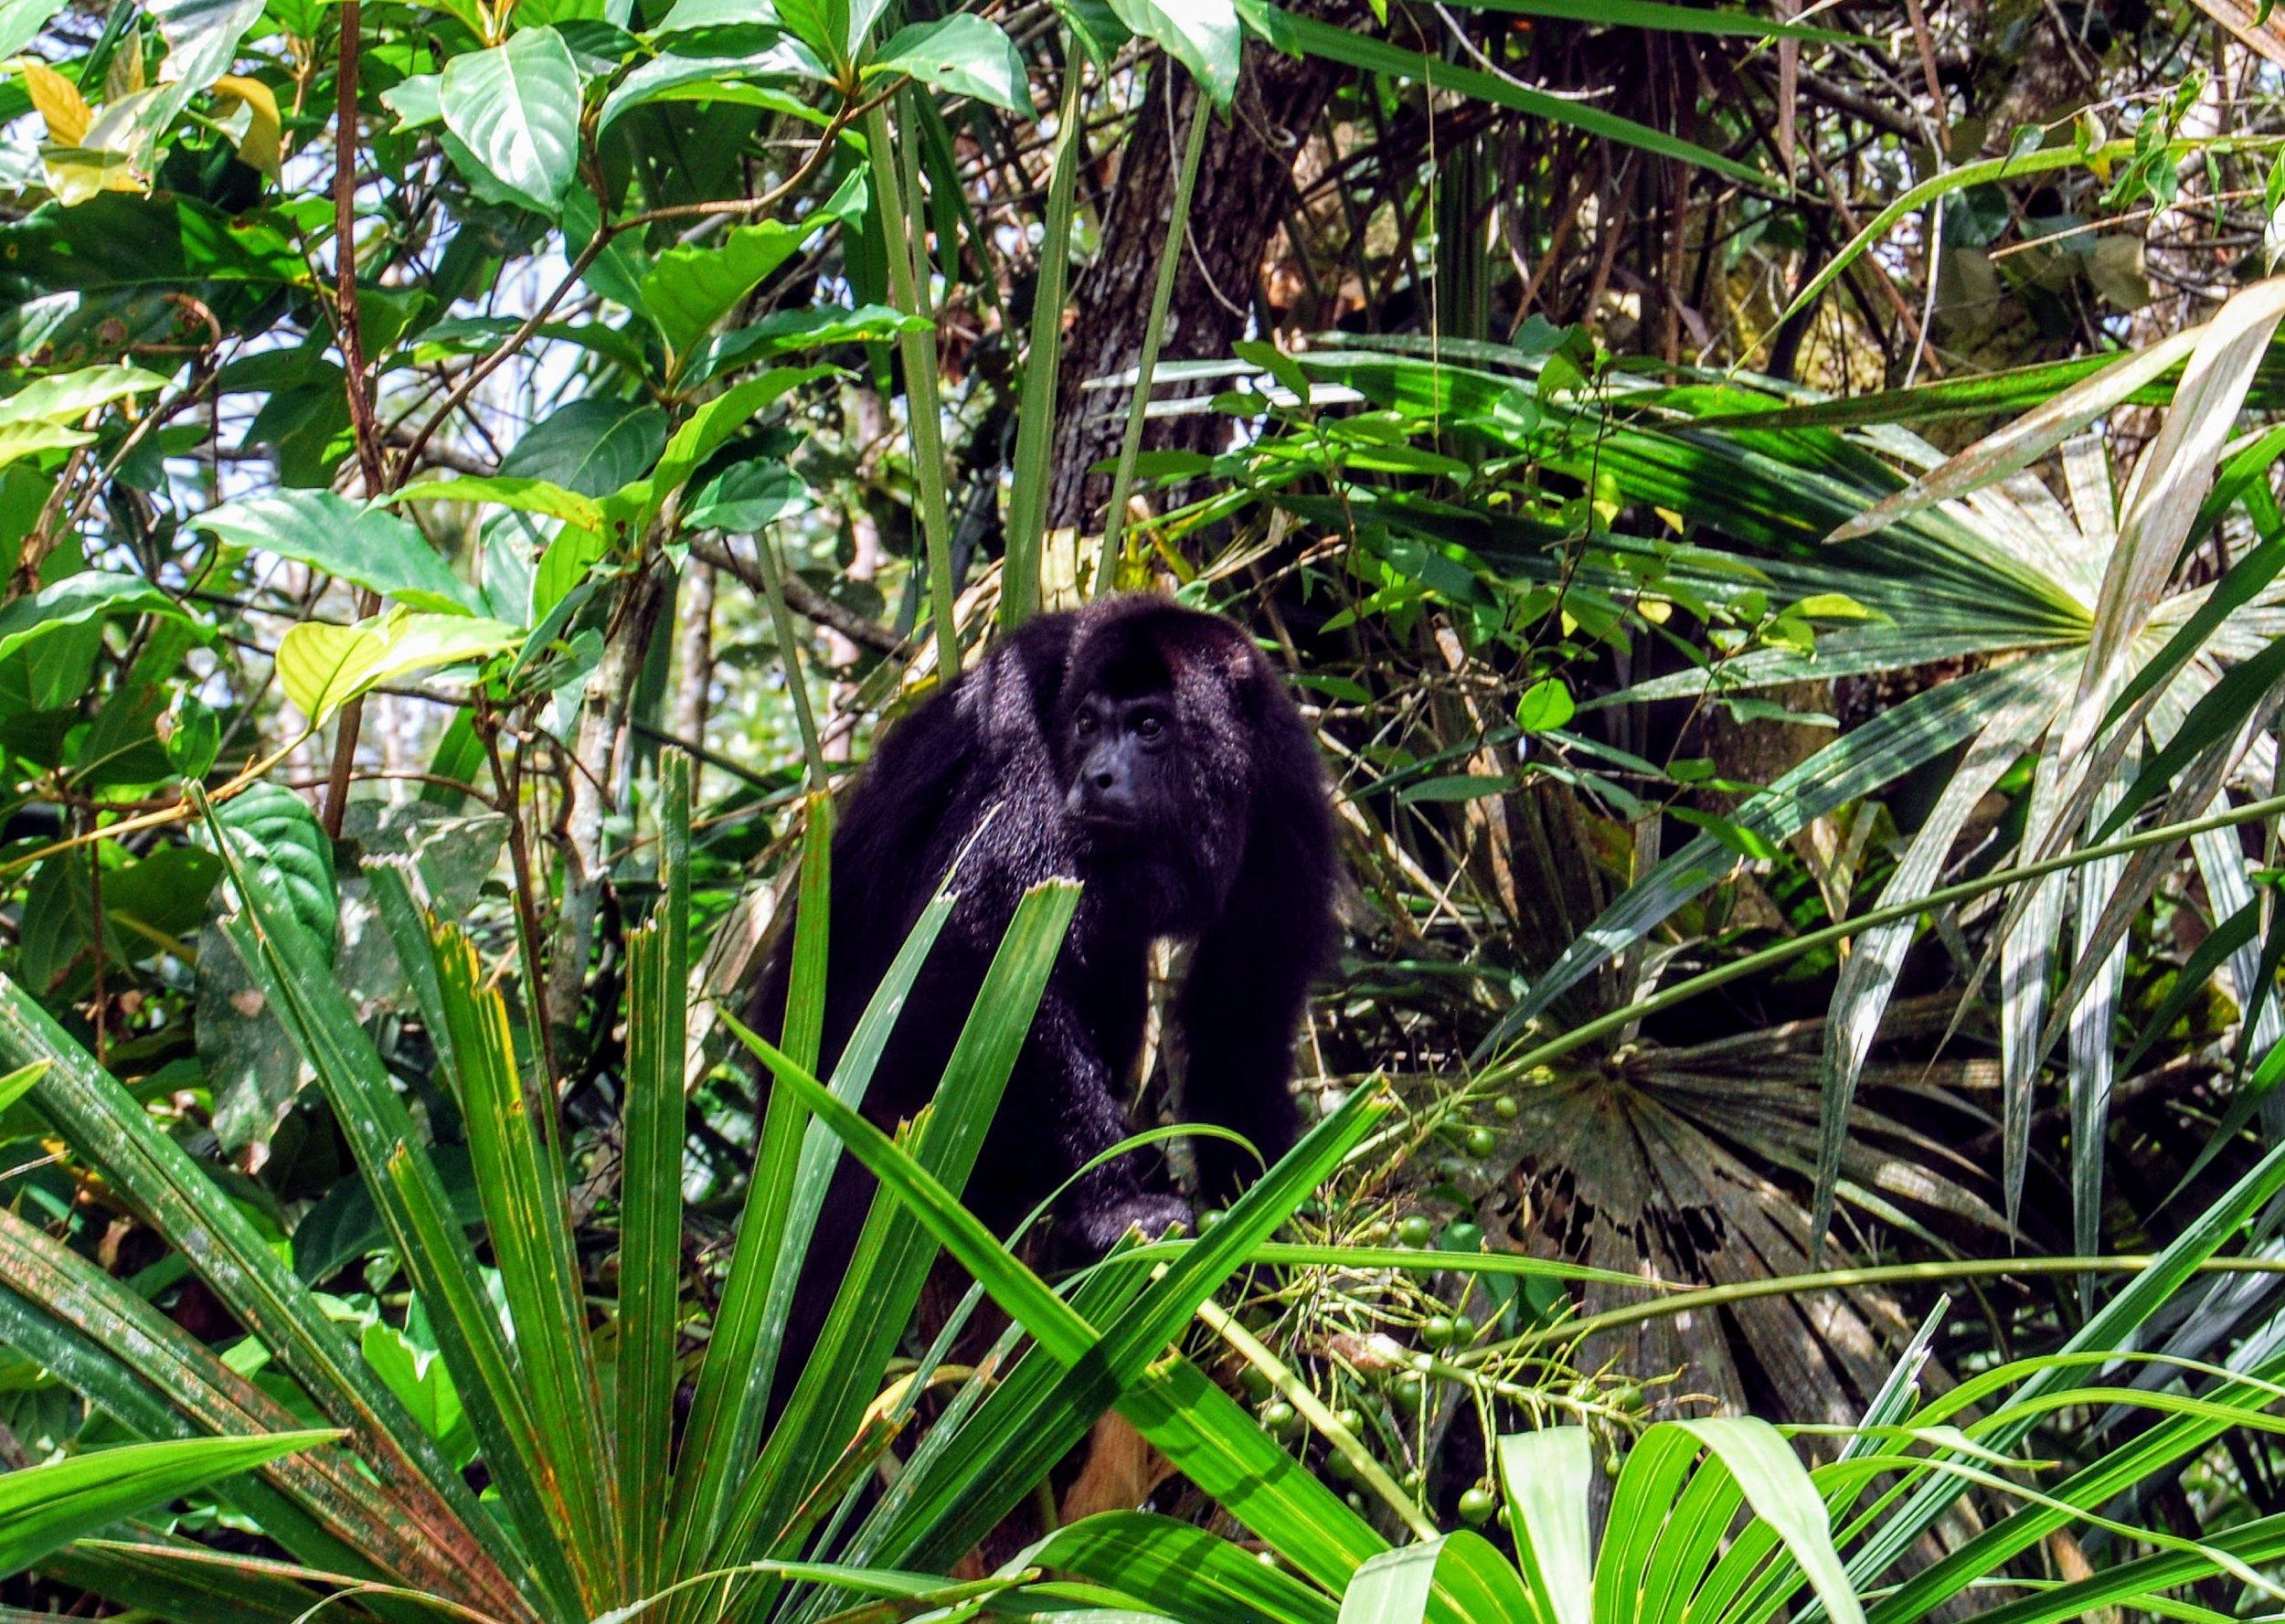 Howler monkey up close.